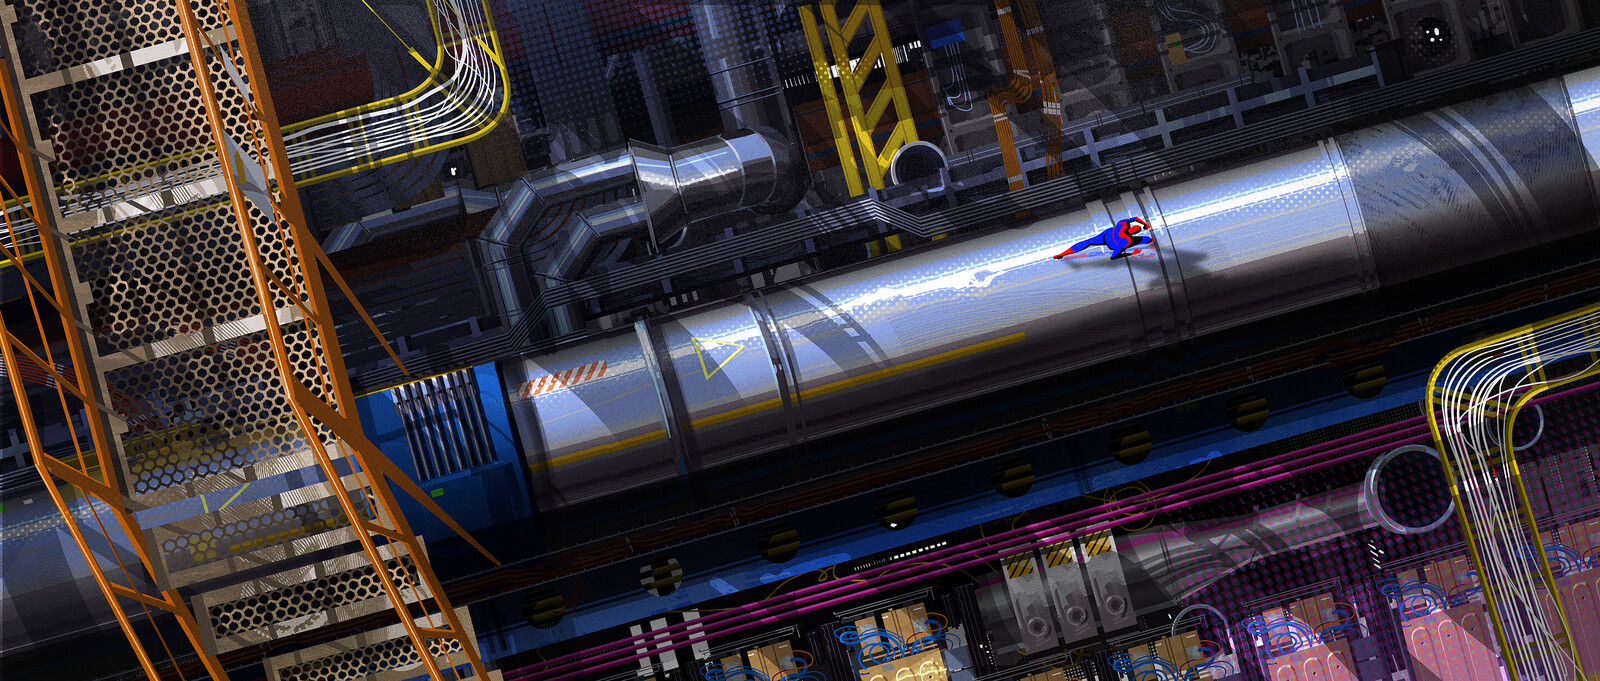 Spider-Man: Into the Spider-verse Collider